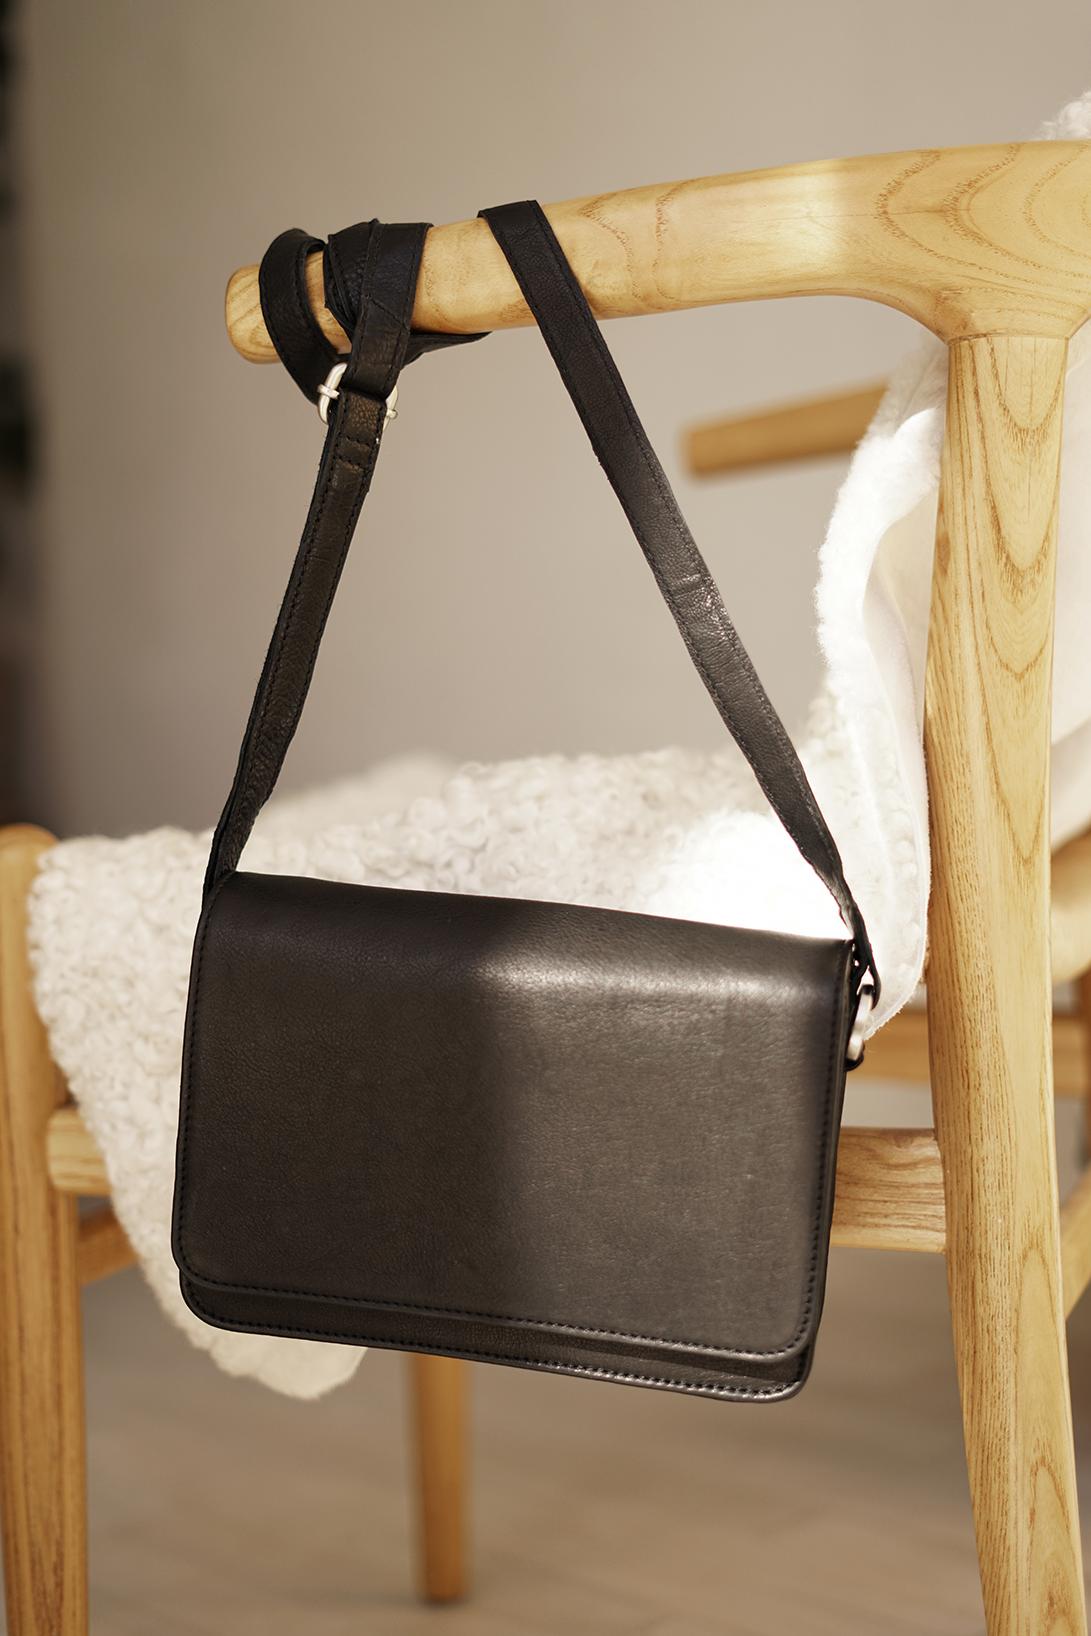 Skuldertaske til kvinder i sort læder lille dametaske til hverdag og fest